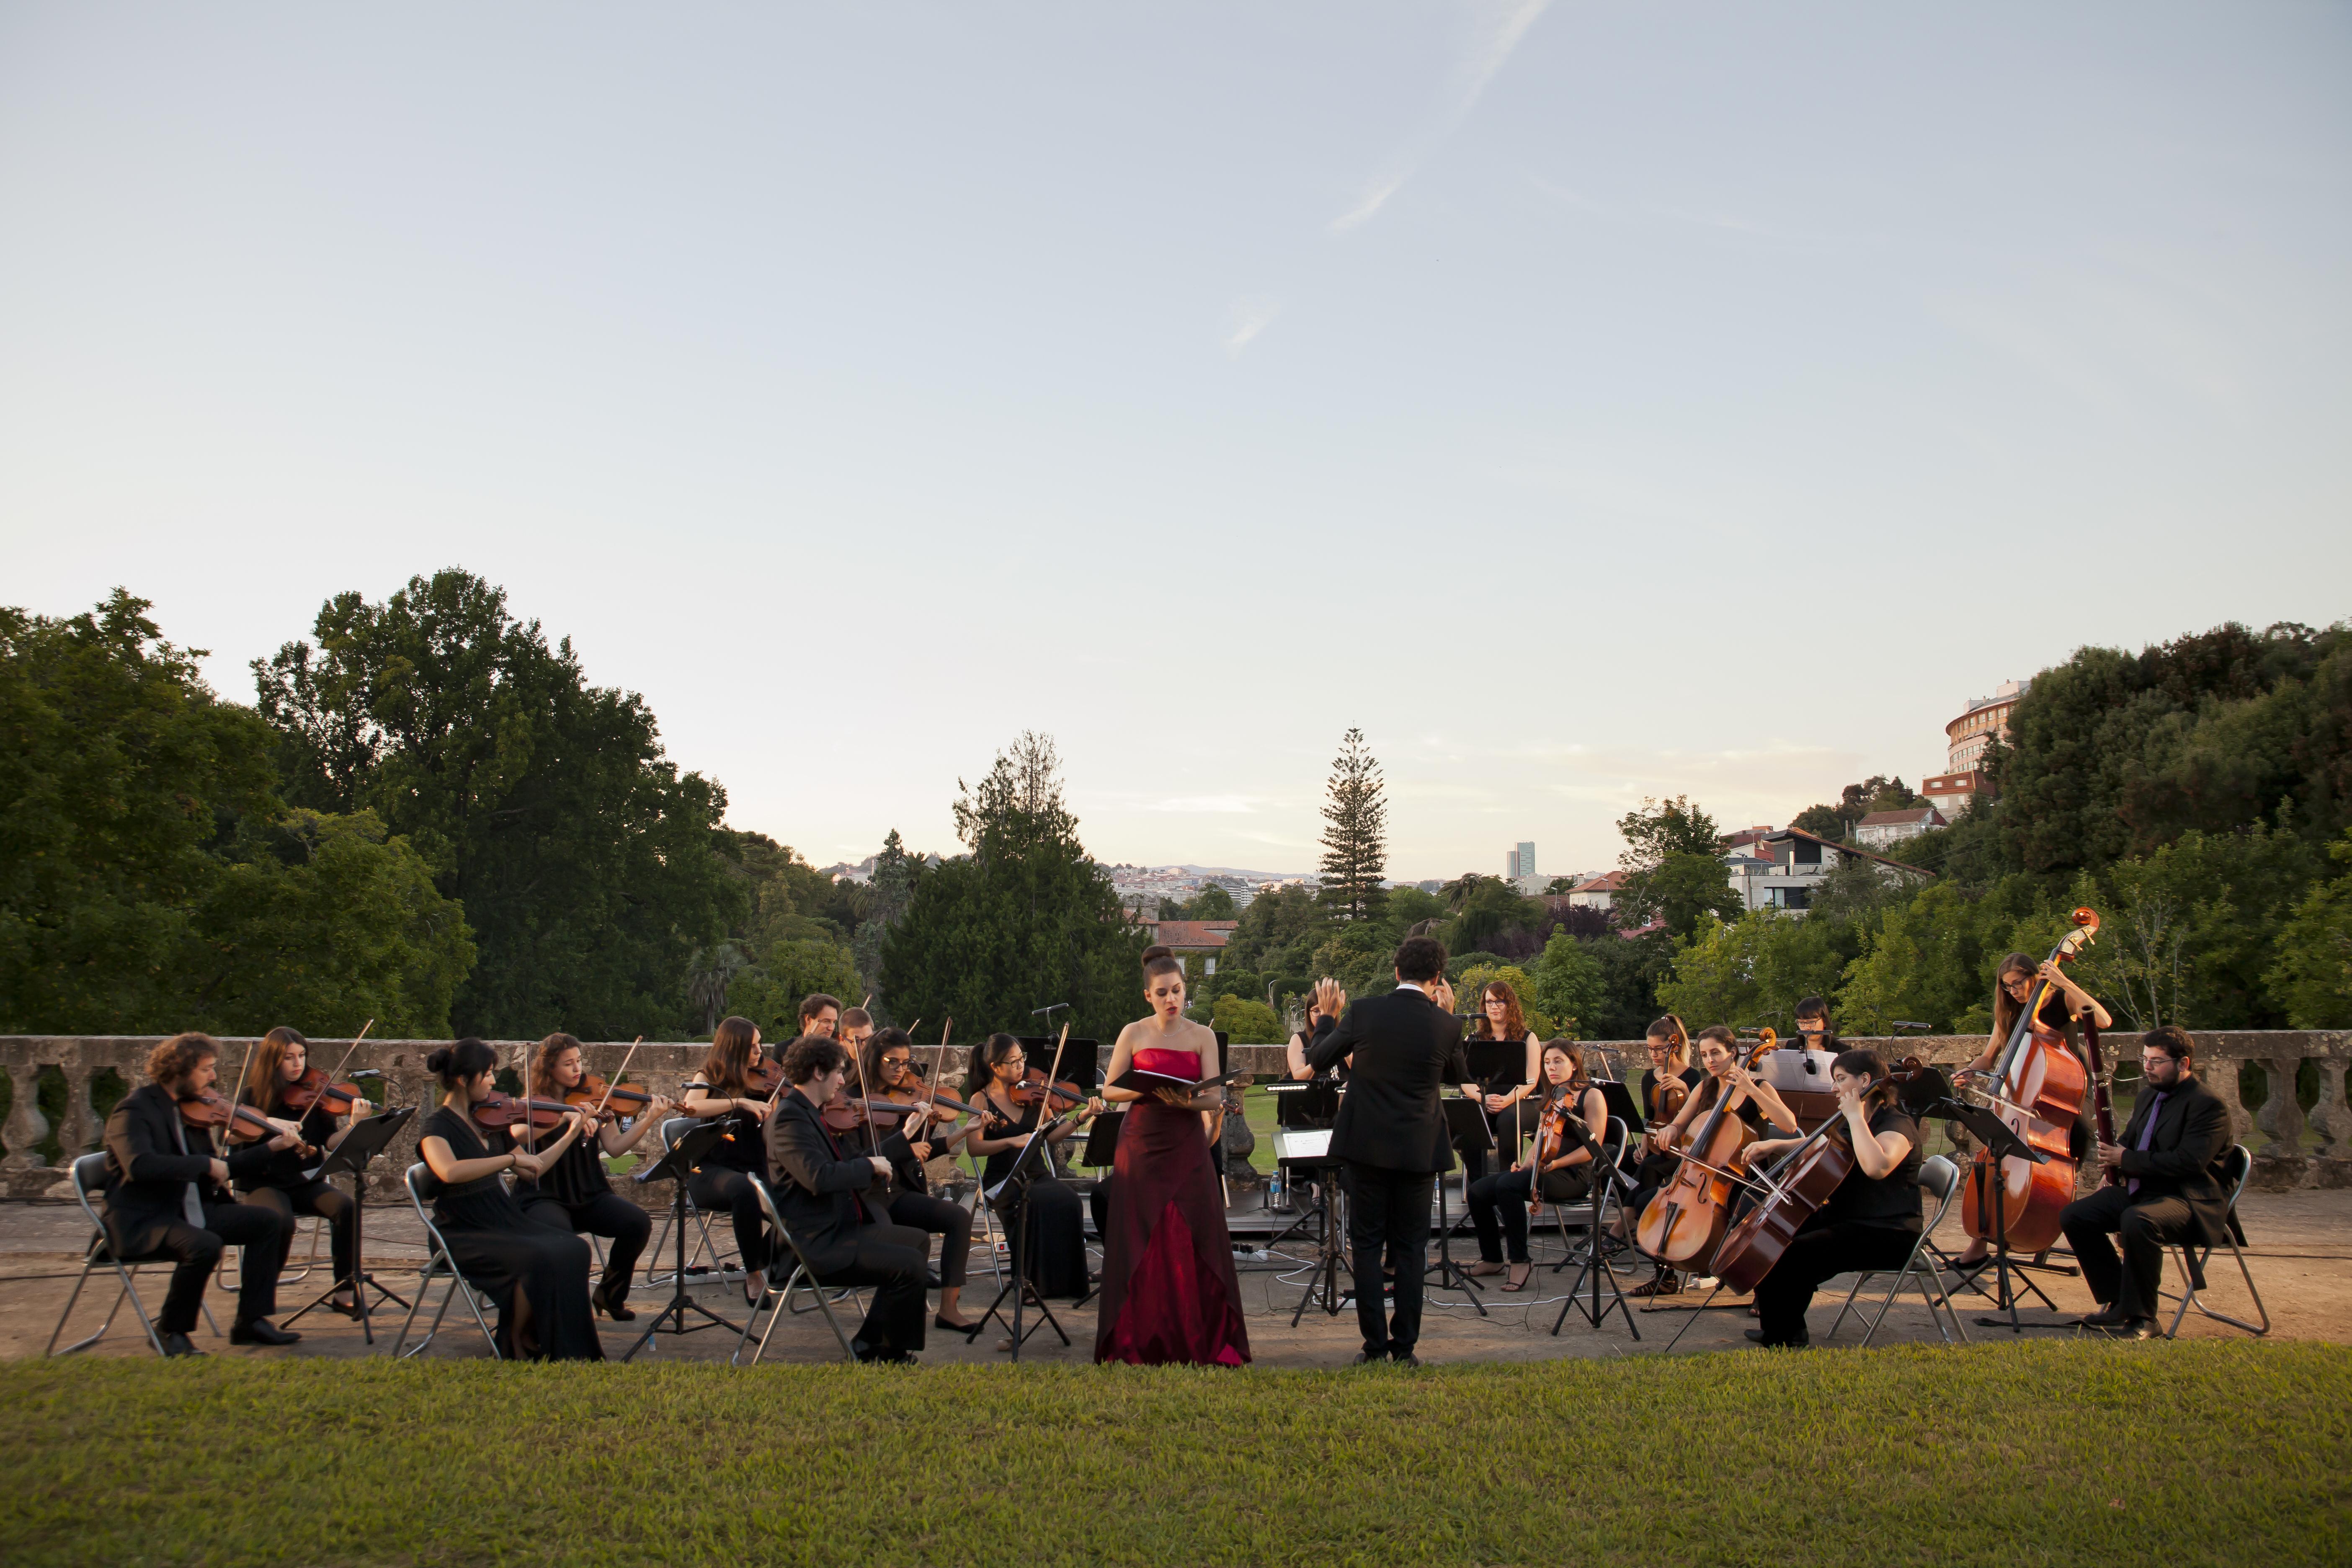 O goberno local apoia con 125.000 euros a realización das actuacións da formación orquestral